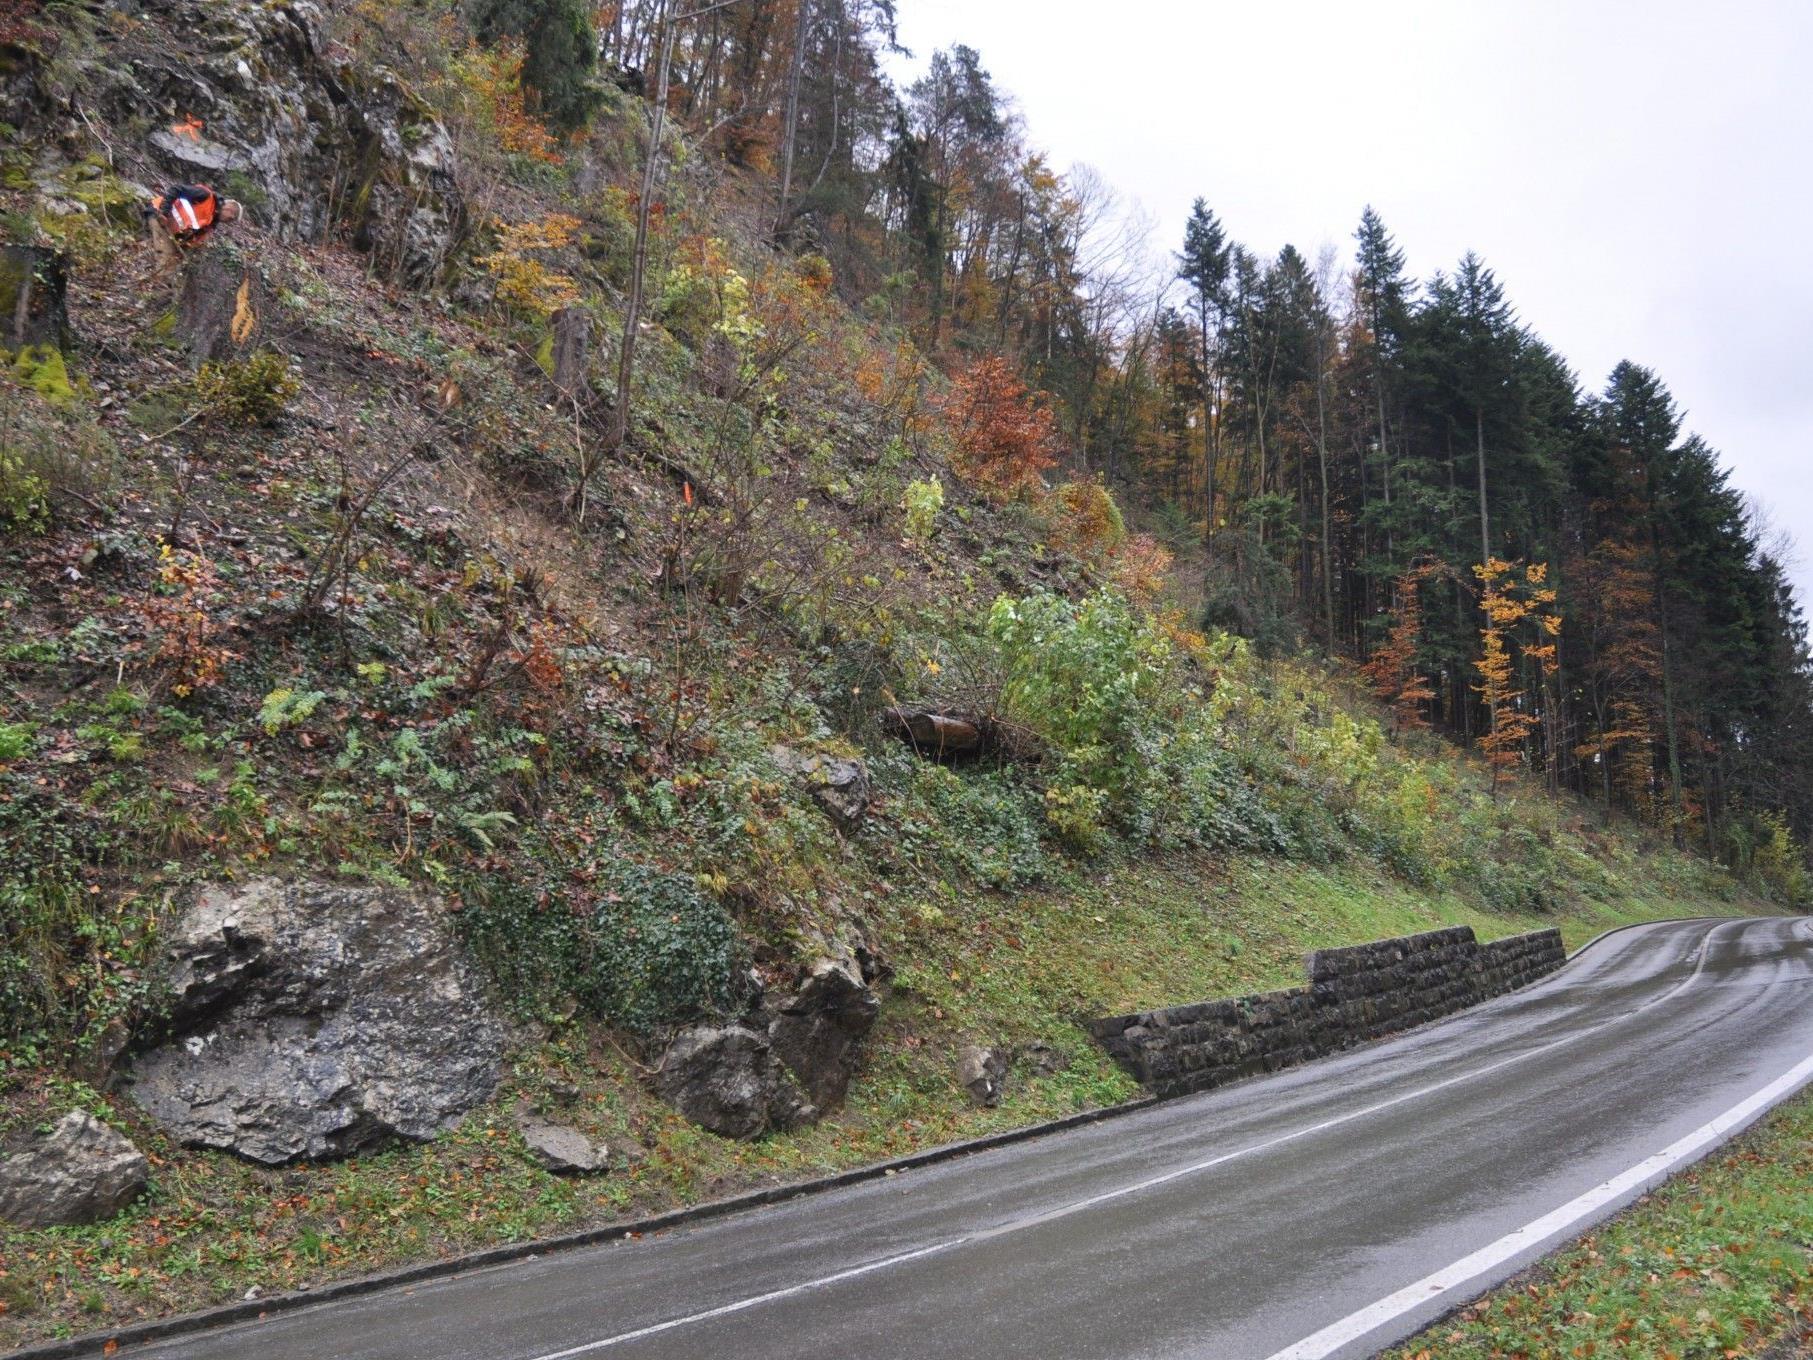 Zwischen Kilometer 1,70 - 1,90 werden im Klauser Wald beidseitig Schutznetze errichtet.